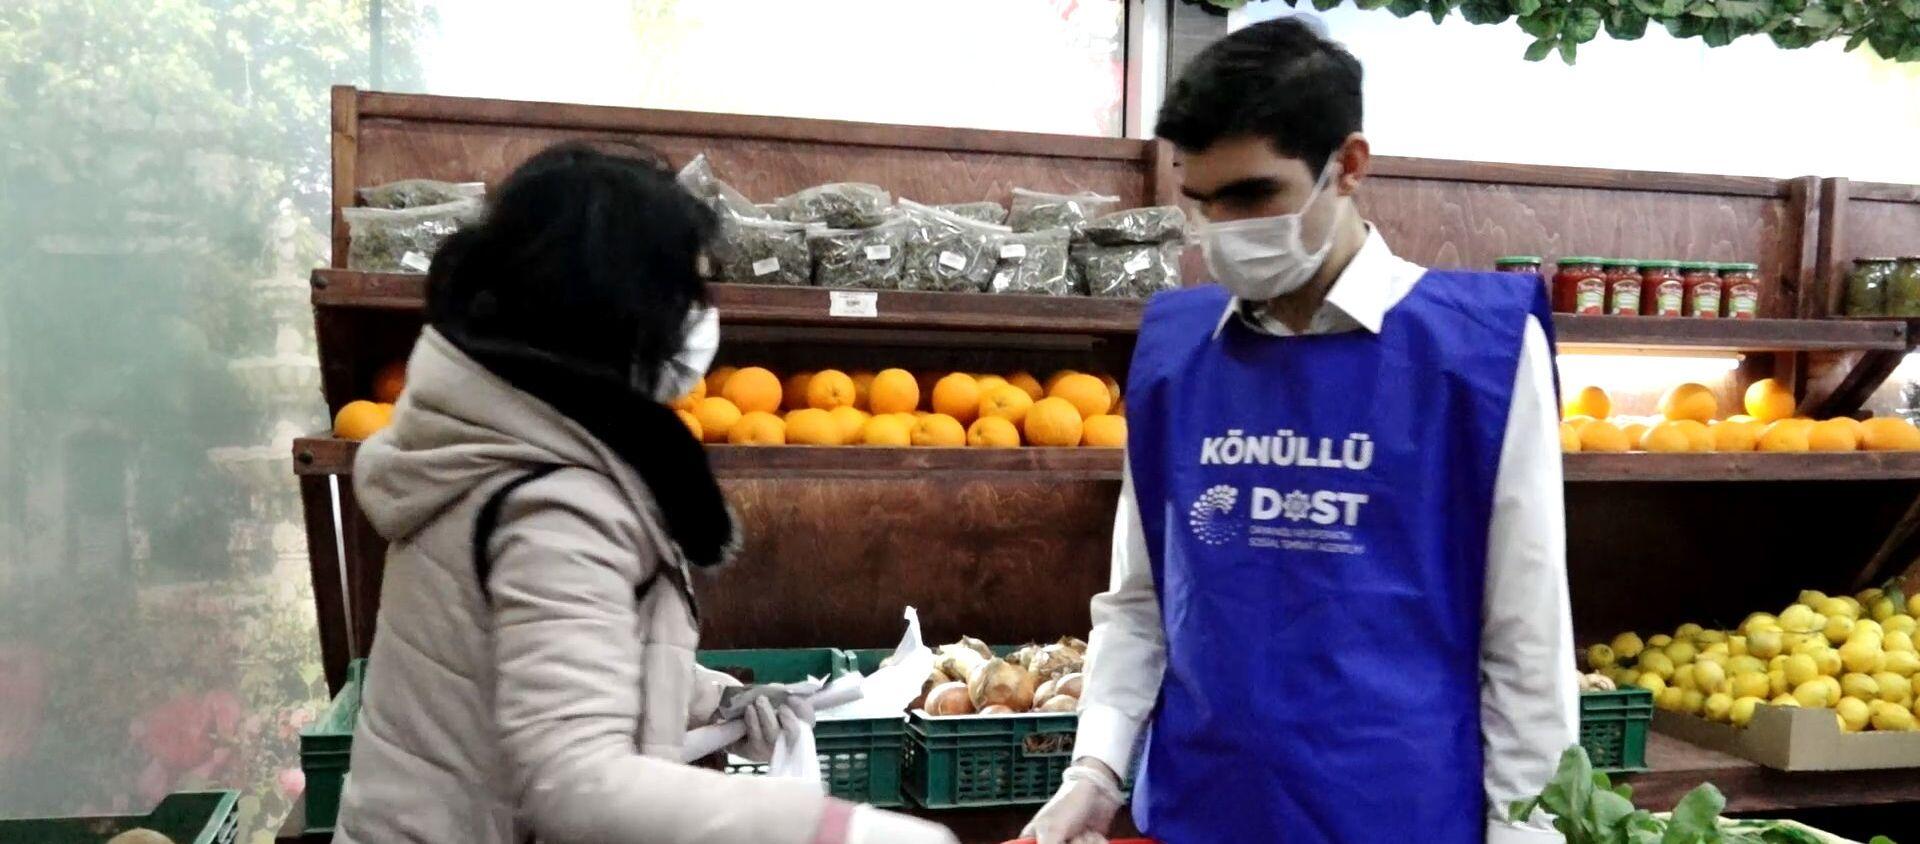 Как волонтеры помогают пожилым людям в Азербайджане во время пандемии - Sputnik Азербайджан, 1920, 09.04.2020